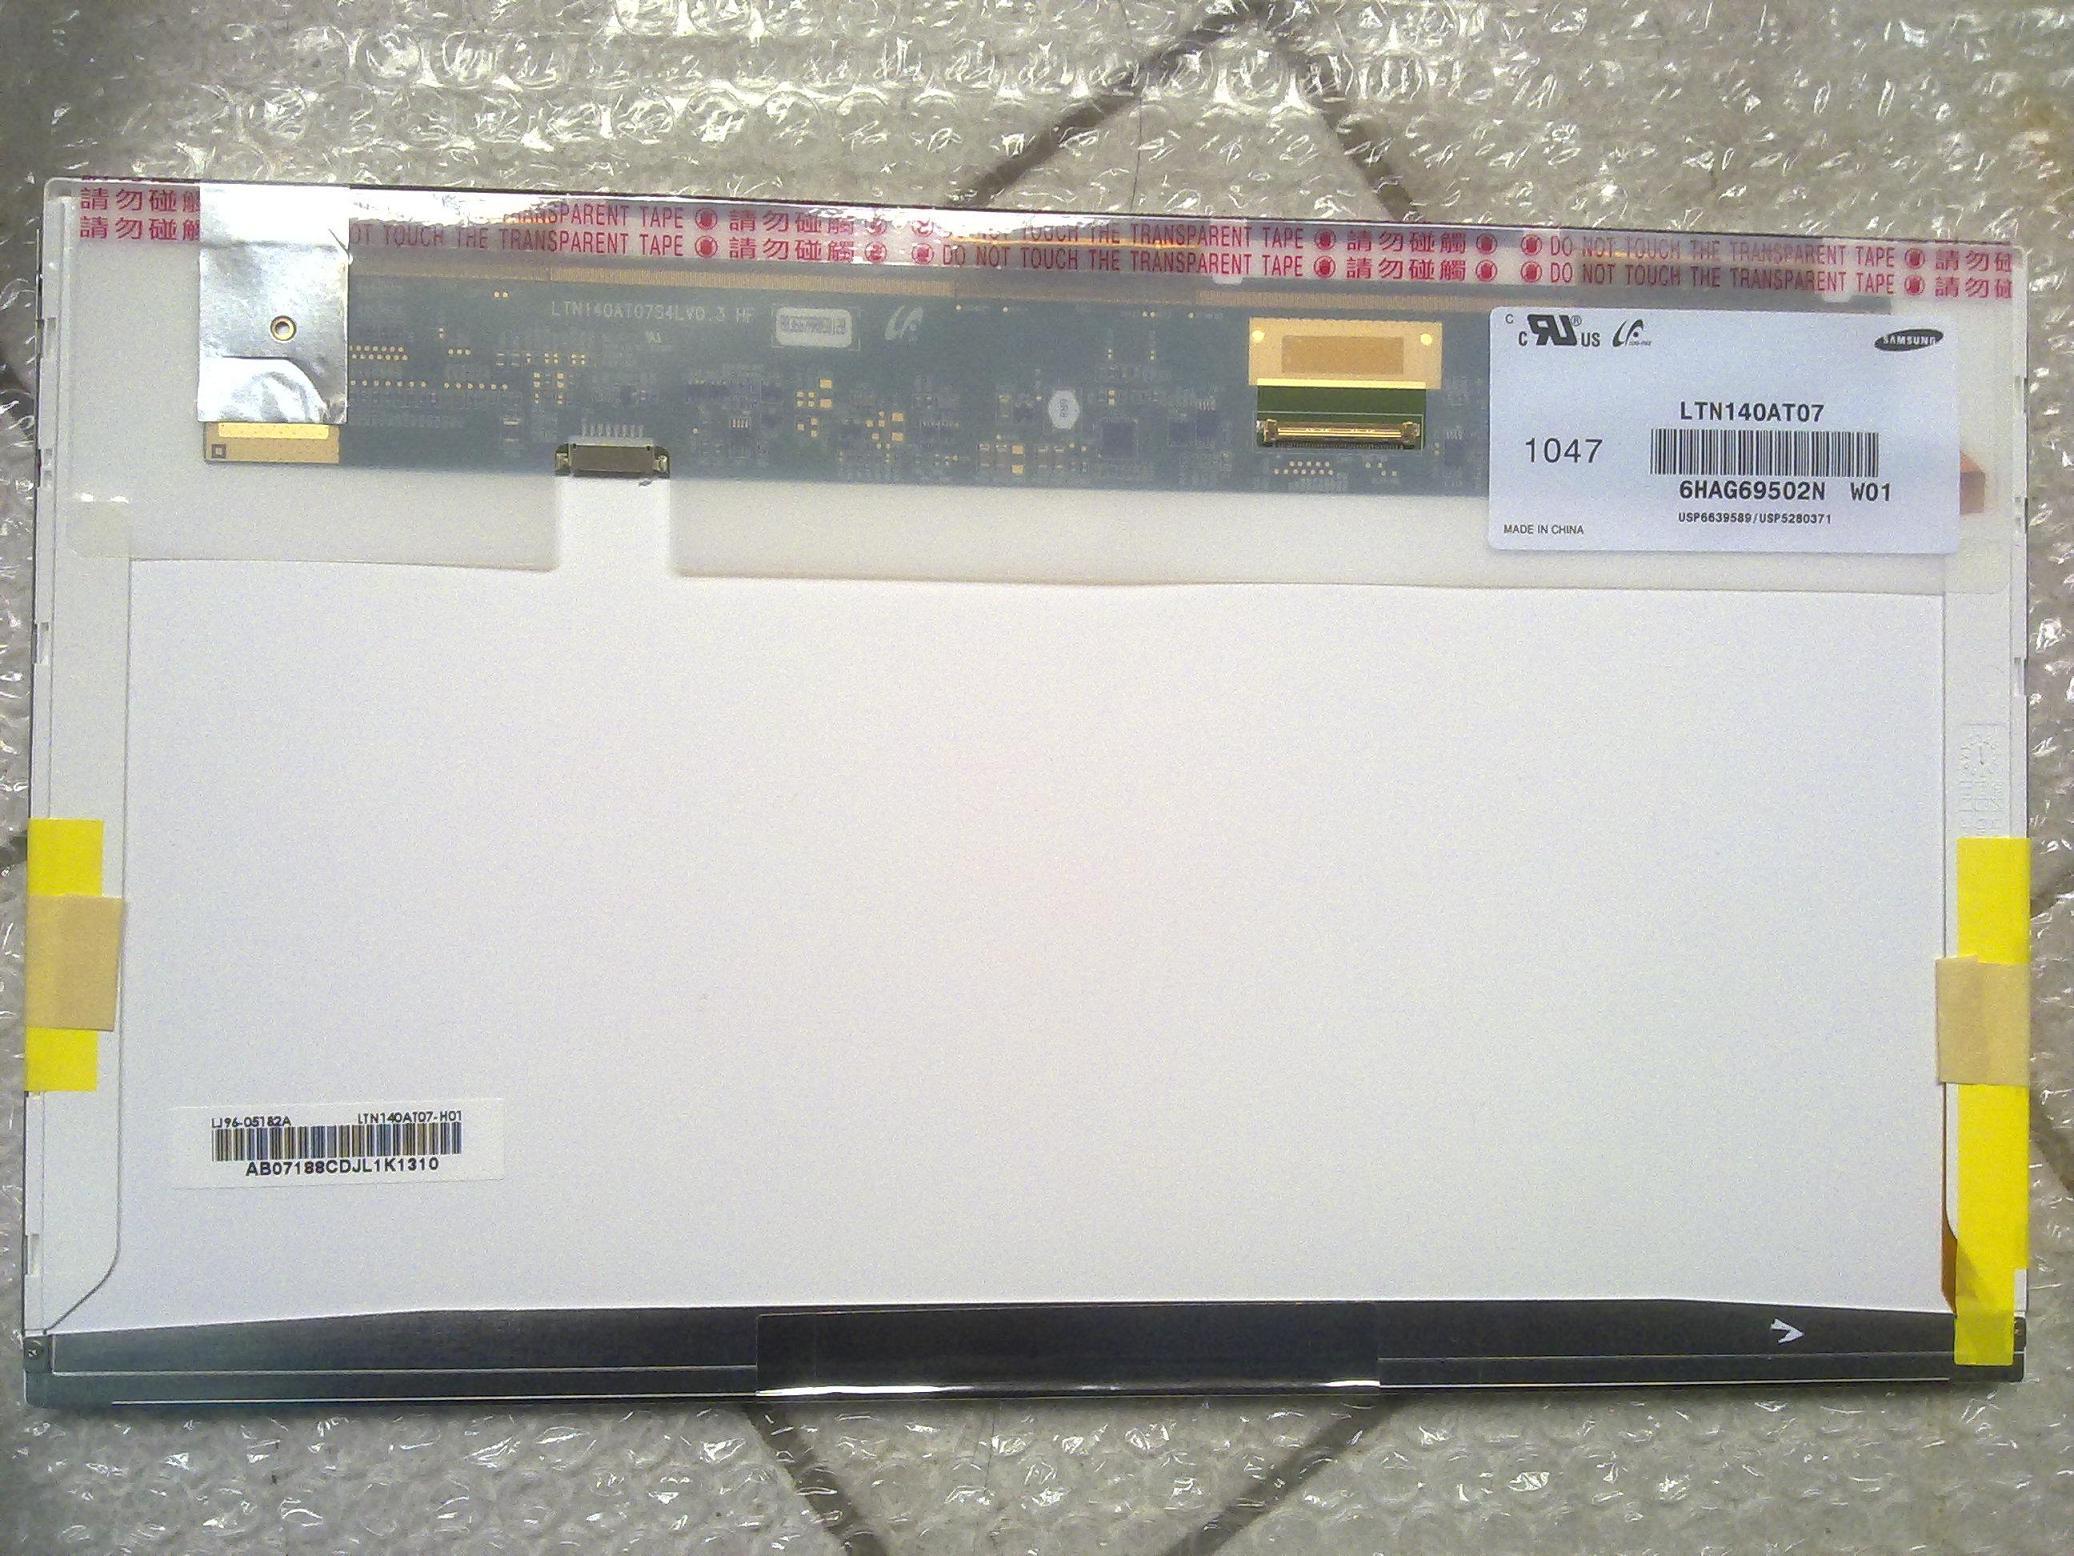 三星14.0寸TFT-LED LTN140AT07液晶屏